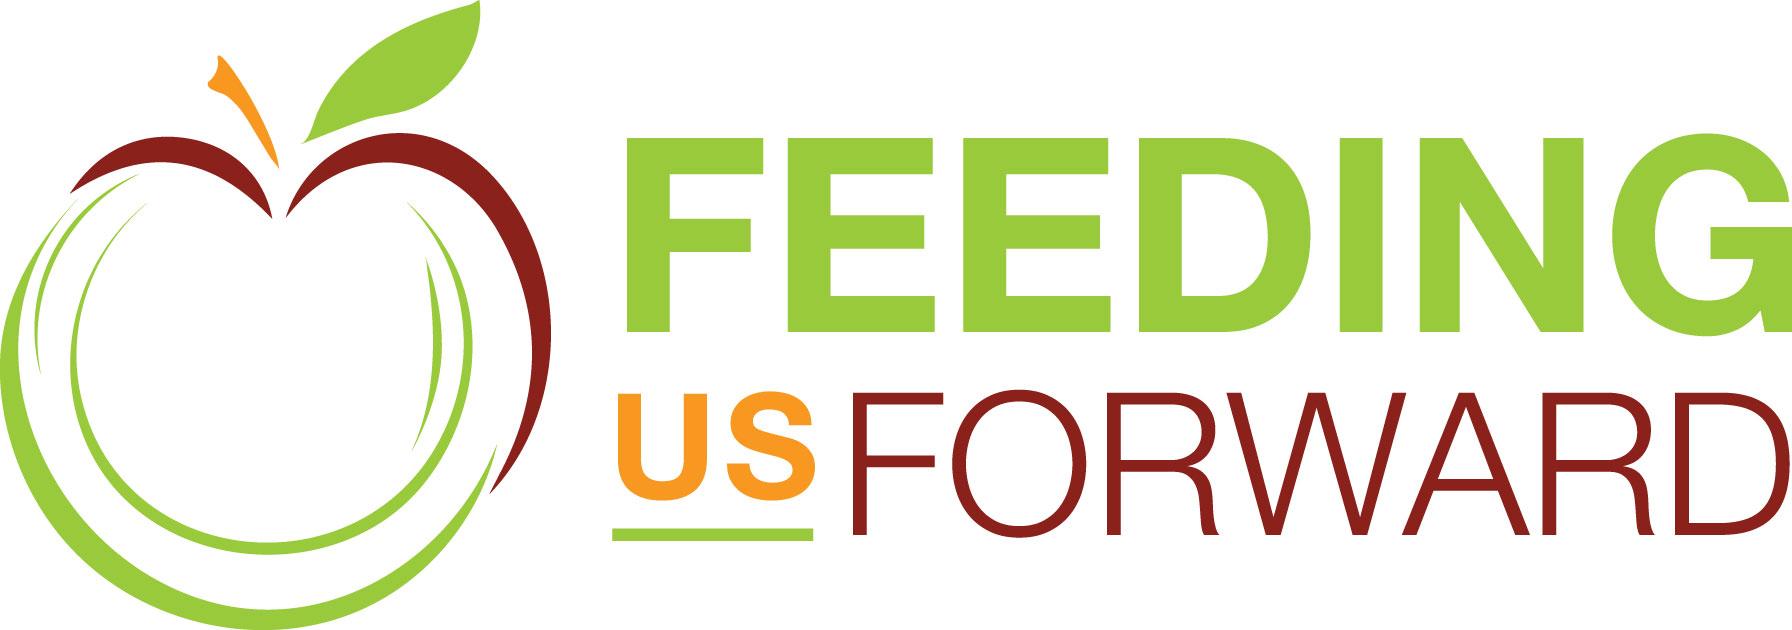 Wellington Colorado Food Bank